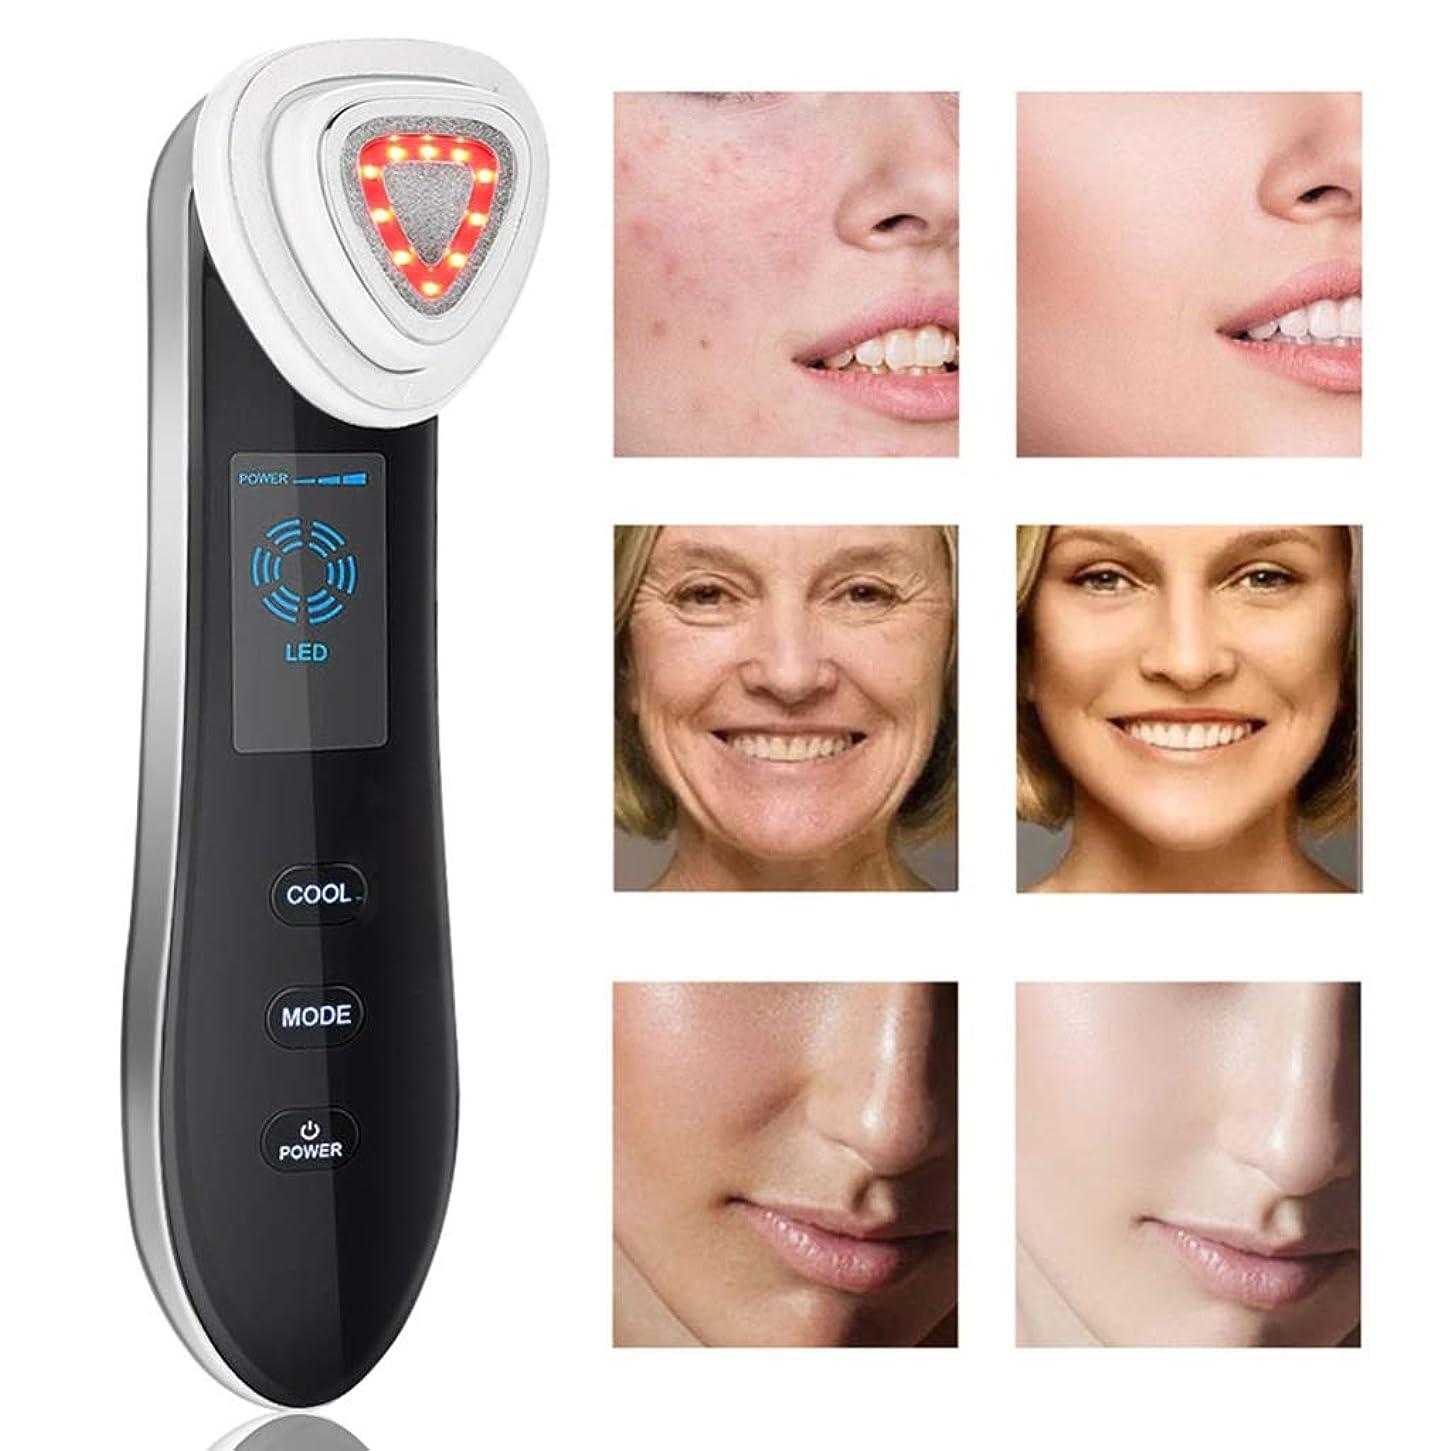 賞賛する公平な解く顔の解毒孔をホワイトニングRF美容機器多機能ホット&コールド導入と輸出顔の色の光の皮膚